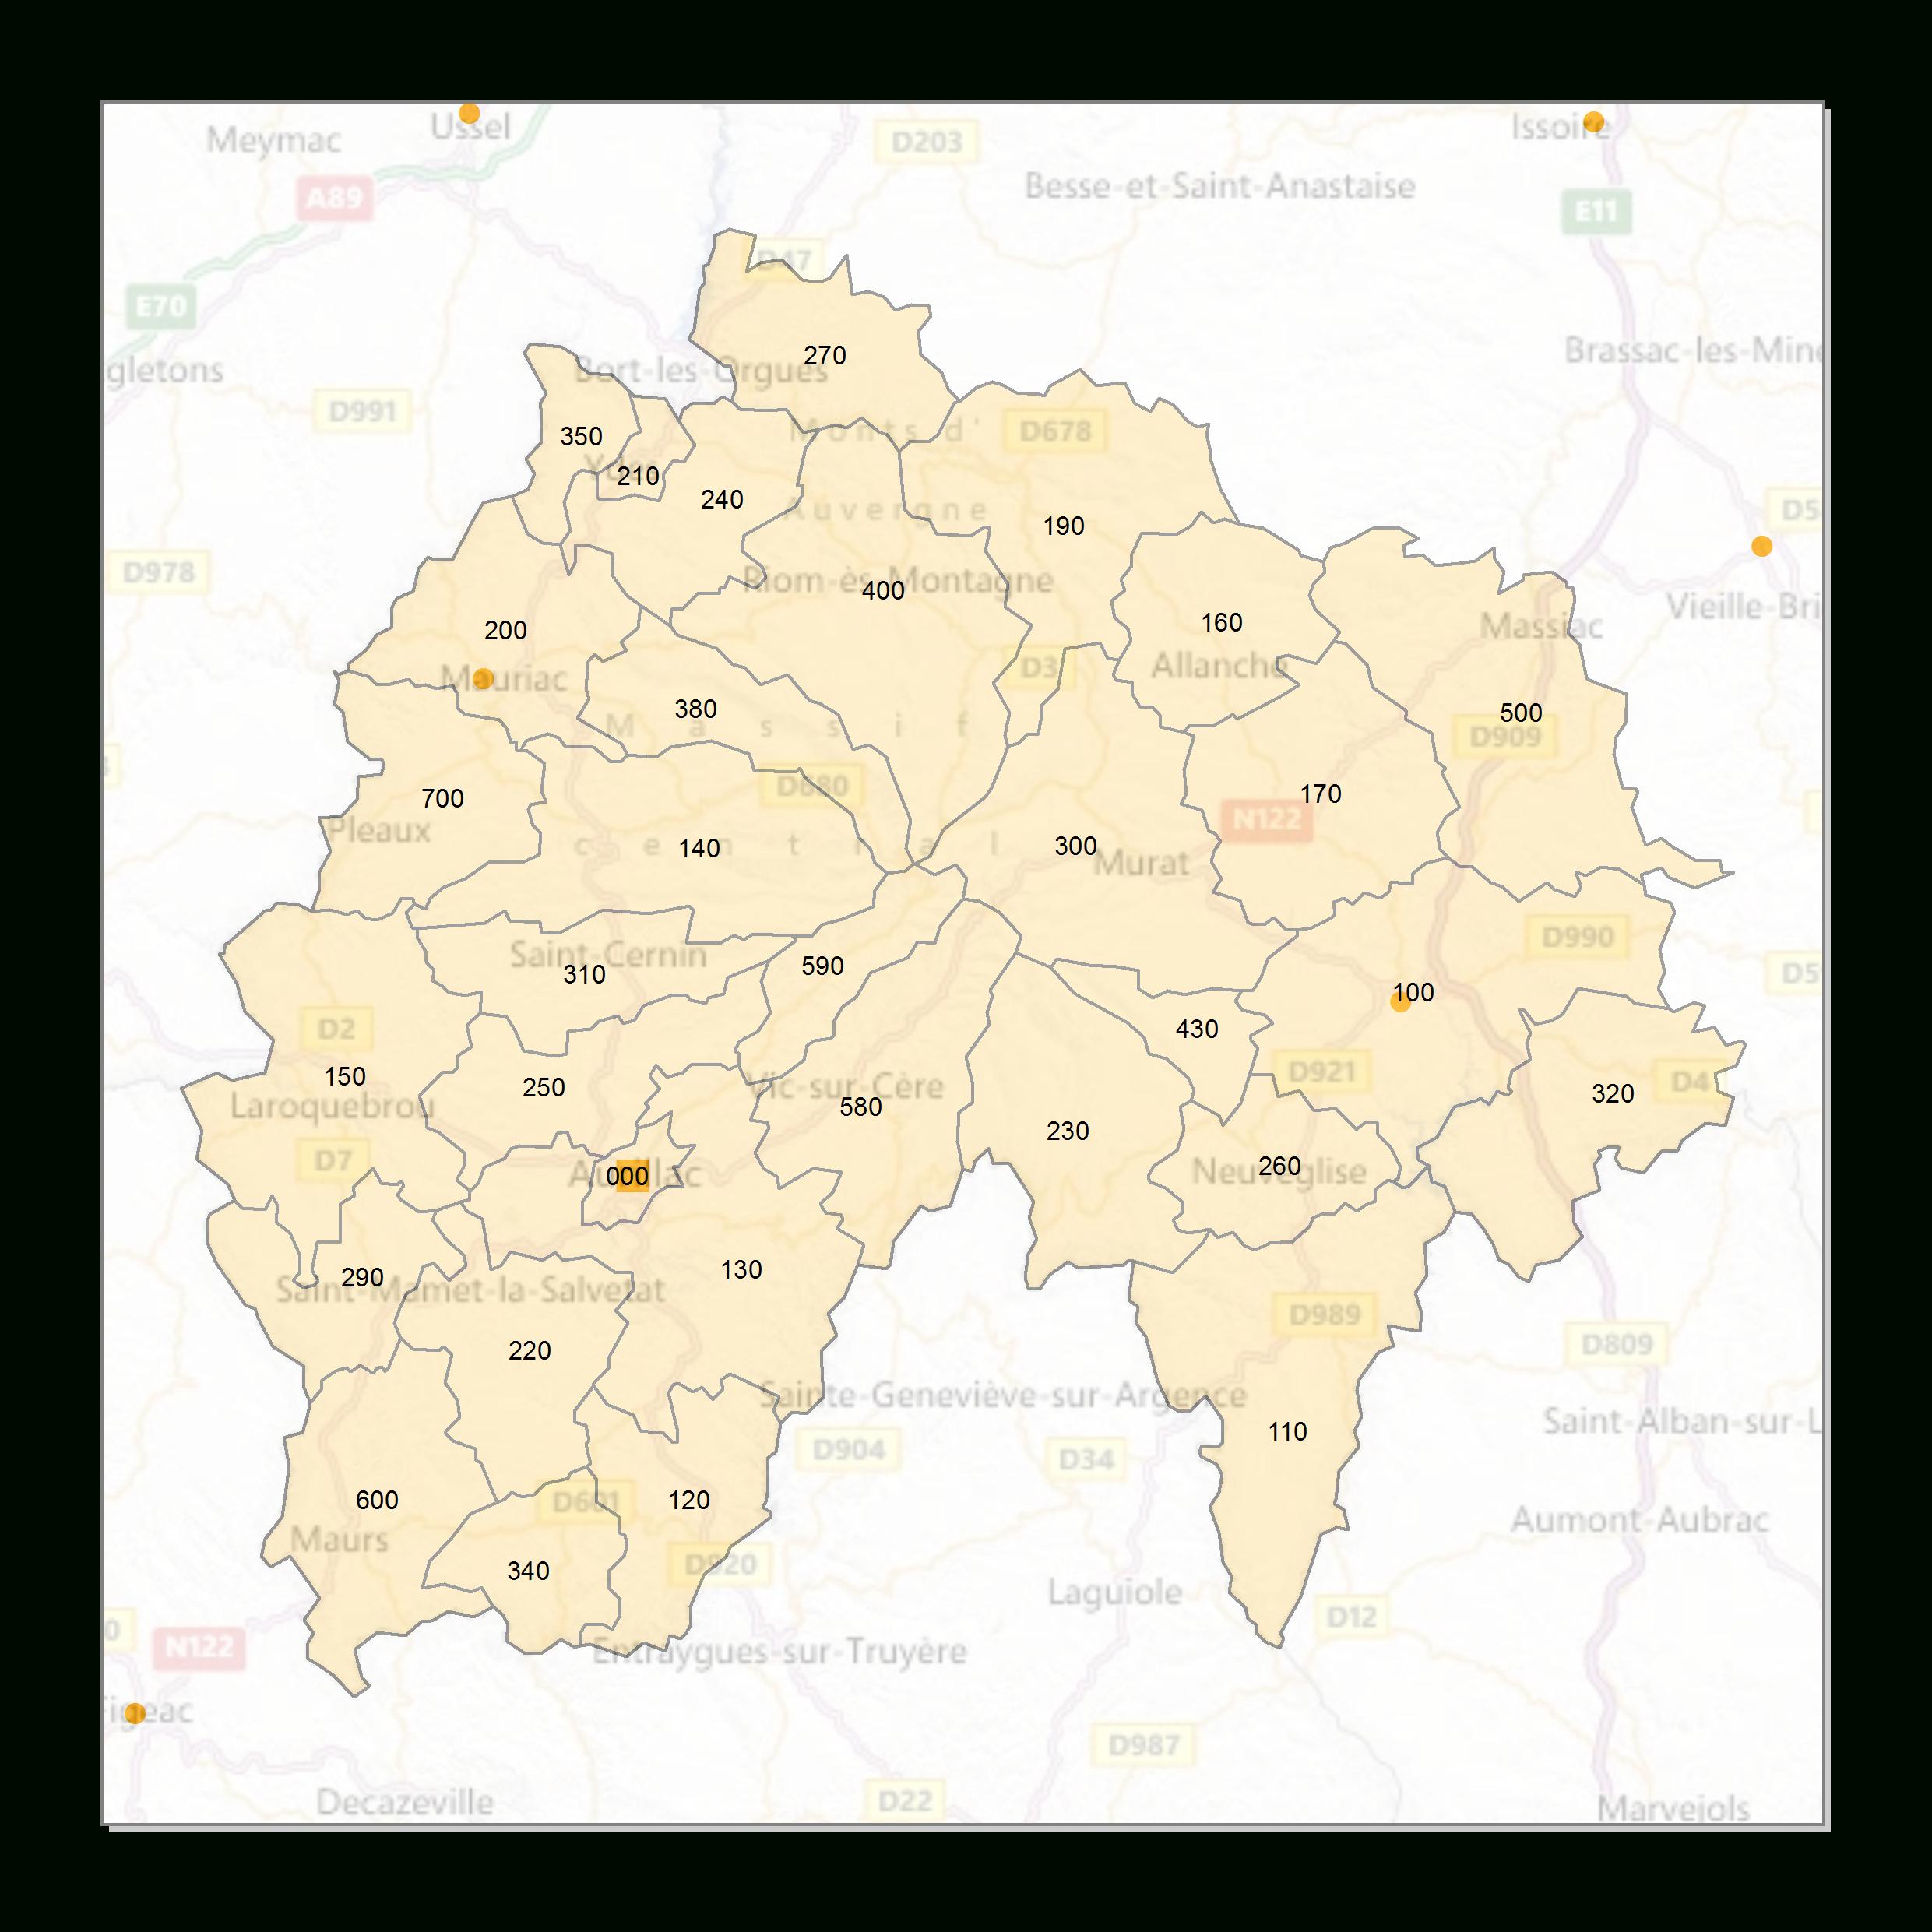 Atlas Des Codes Postaux - Cartes Des Départements De France intérieur Département 57 Carte